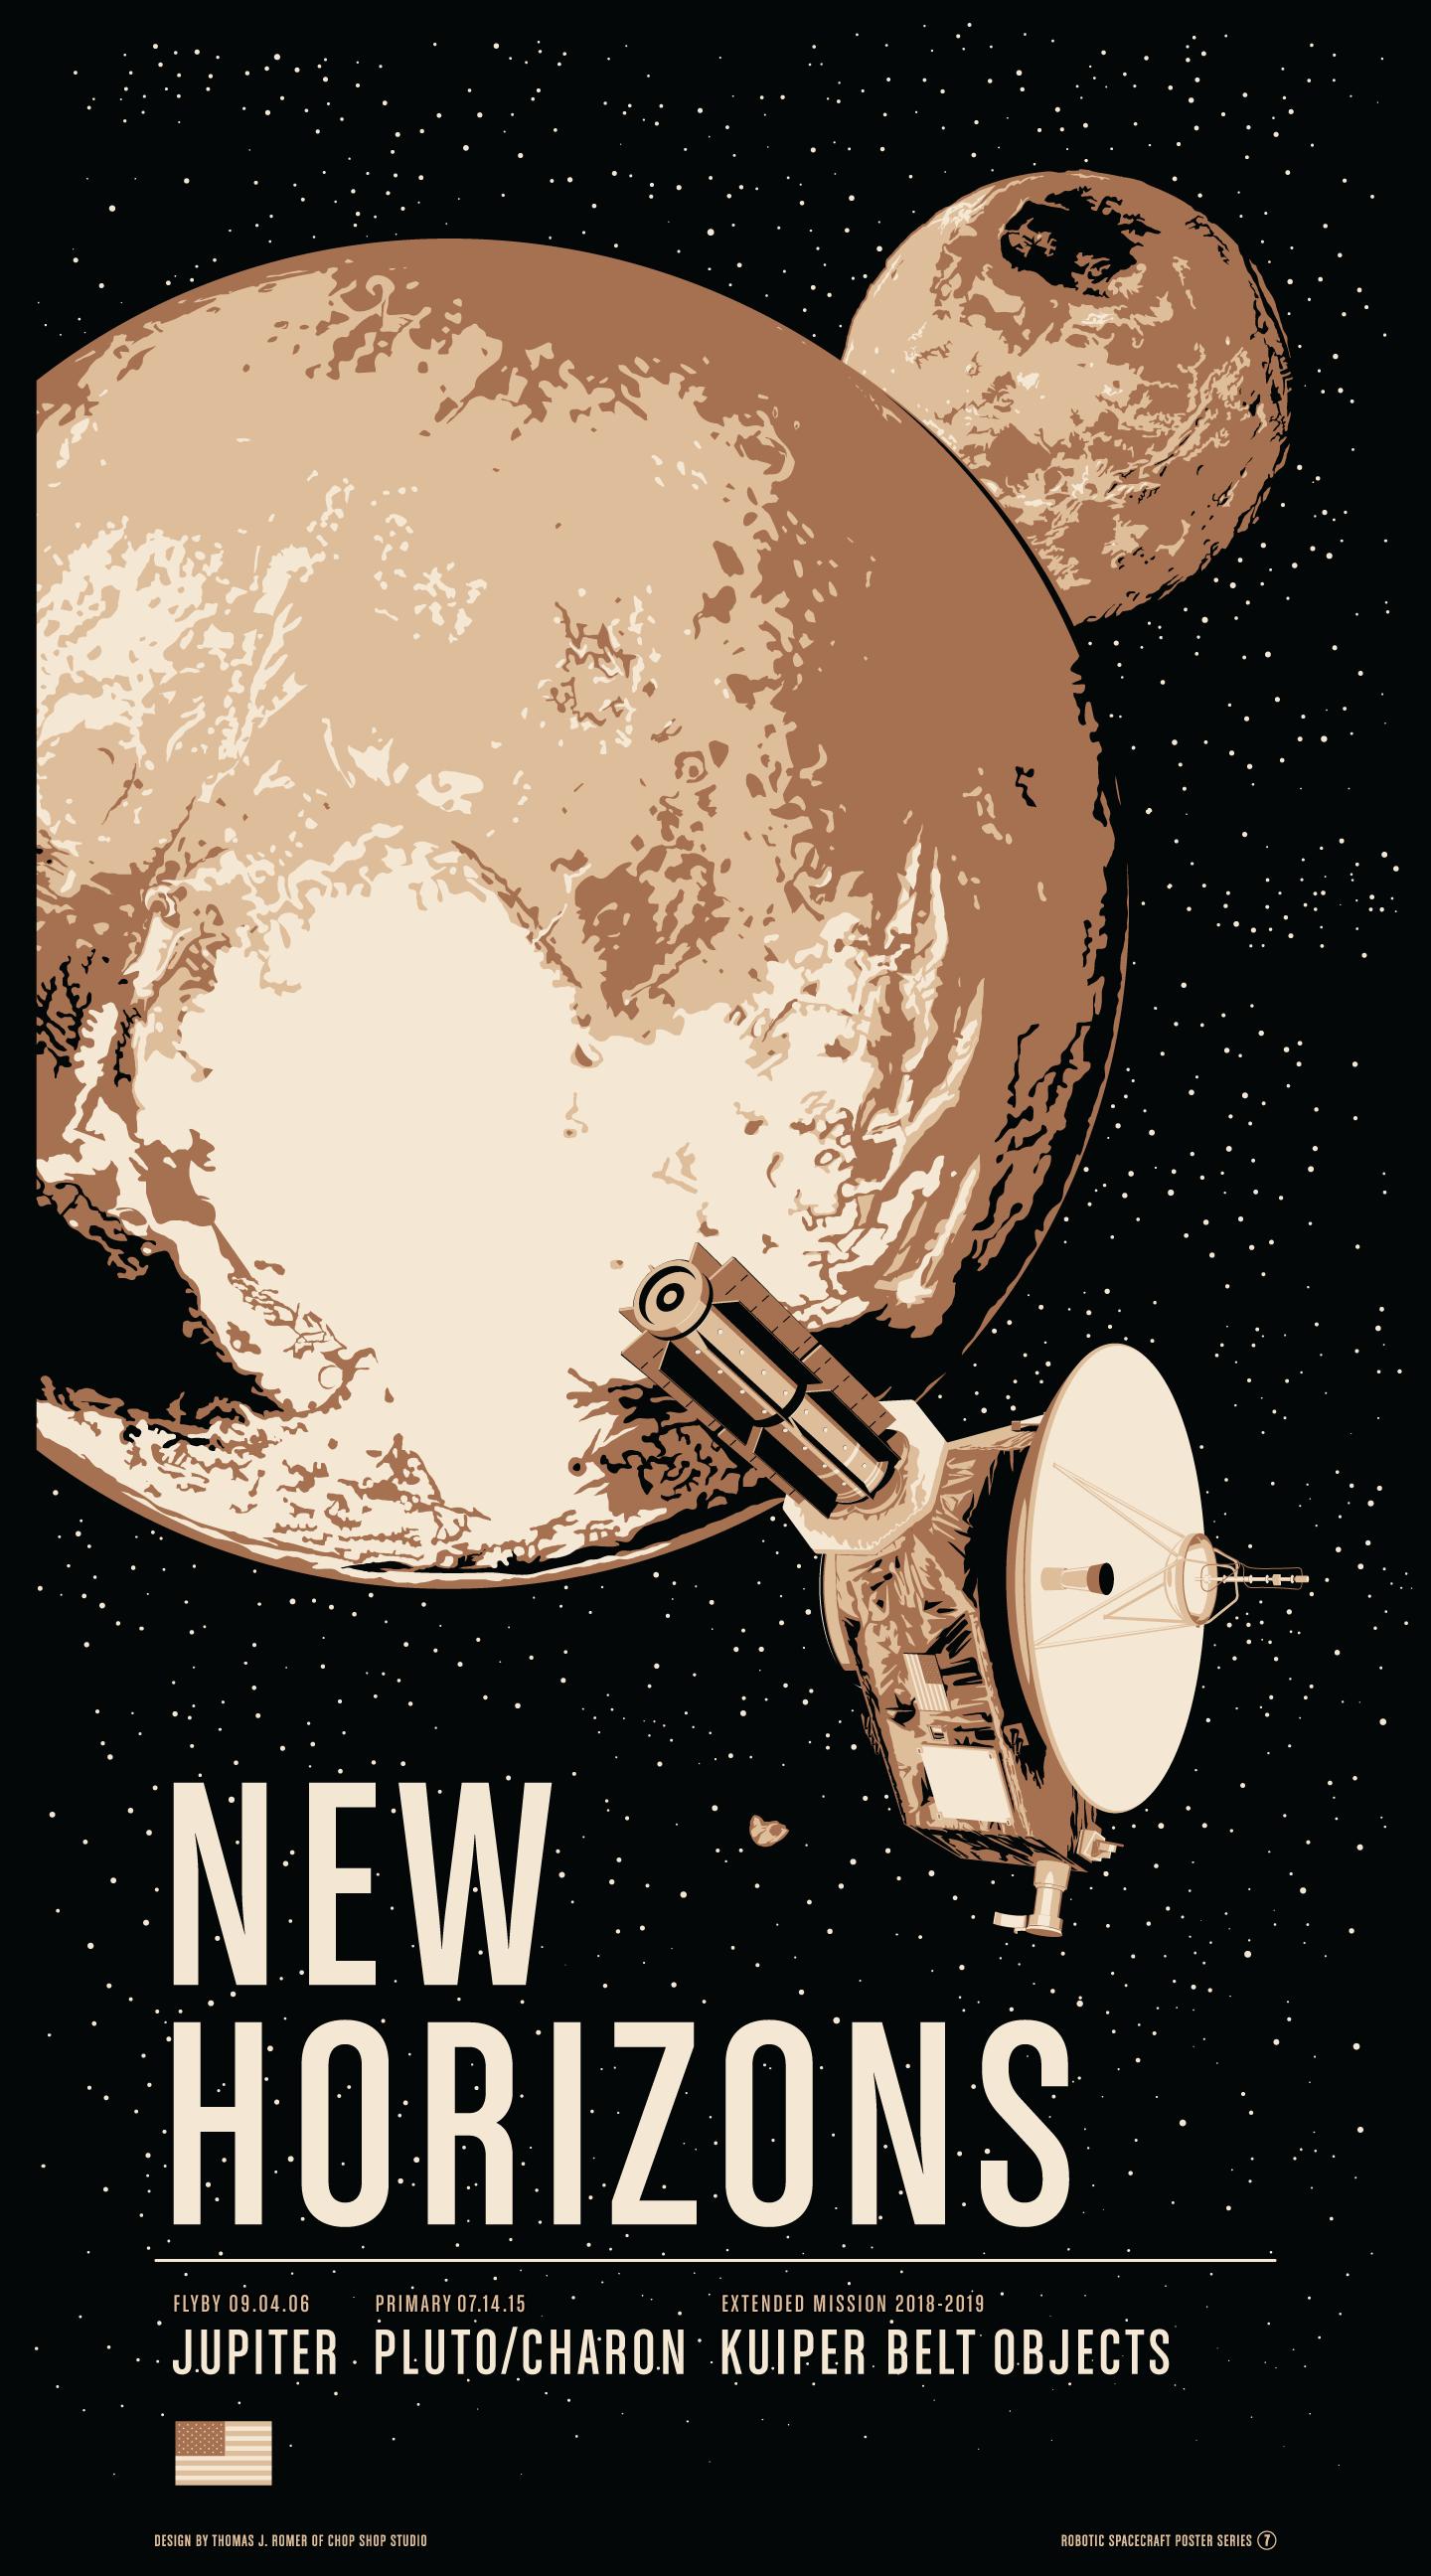 Best 25+ Rosetta spacecraft ideas on Pinterest | Astronomy ...